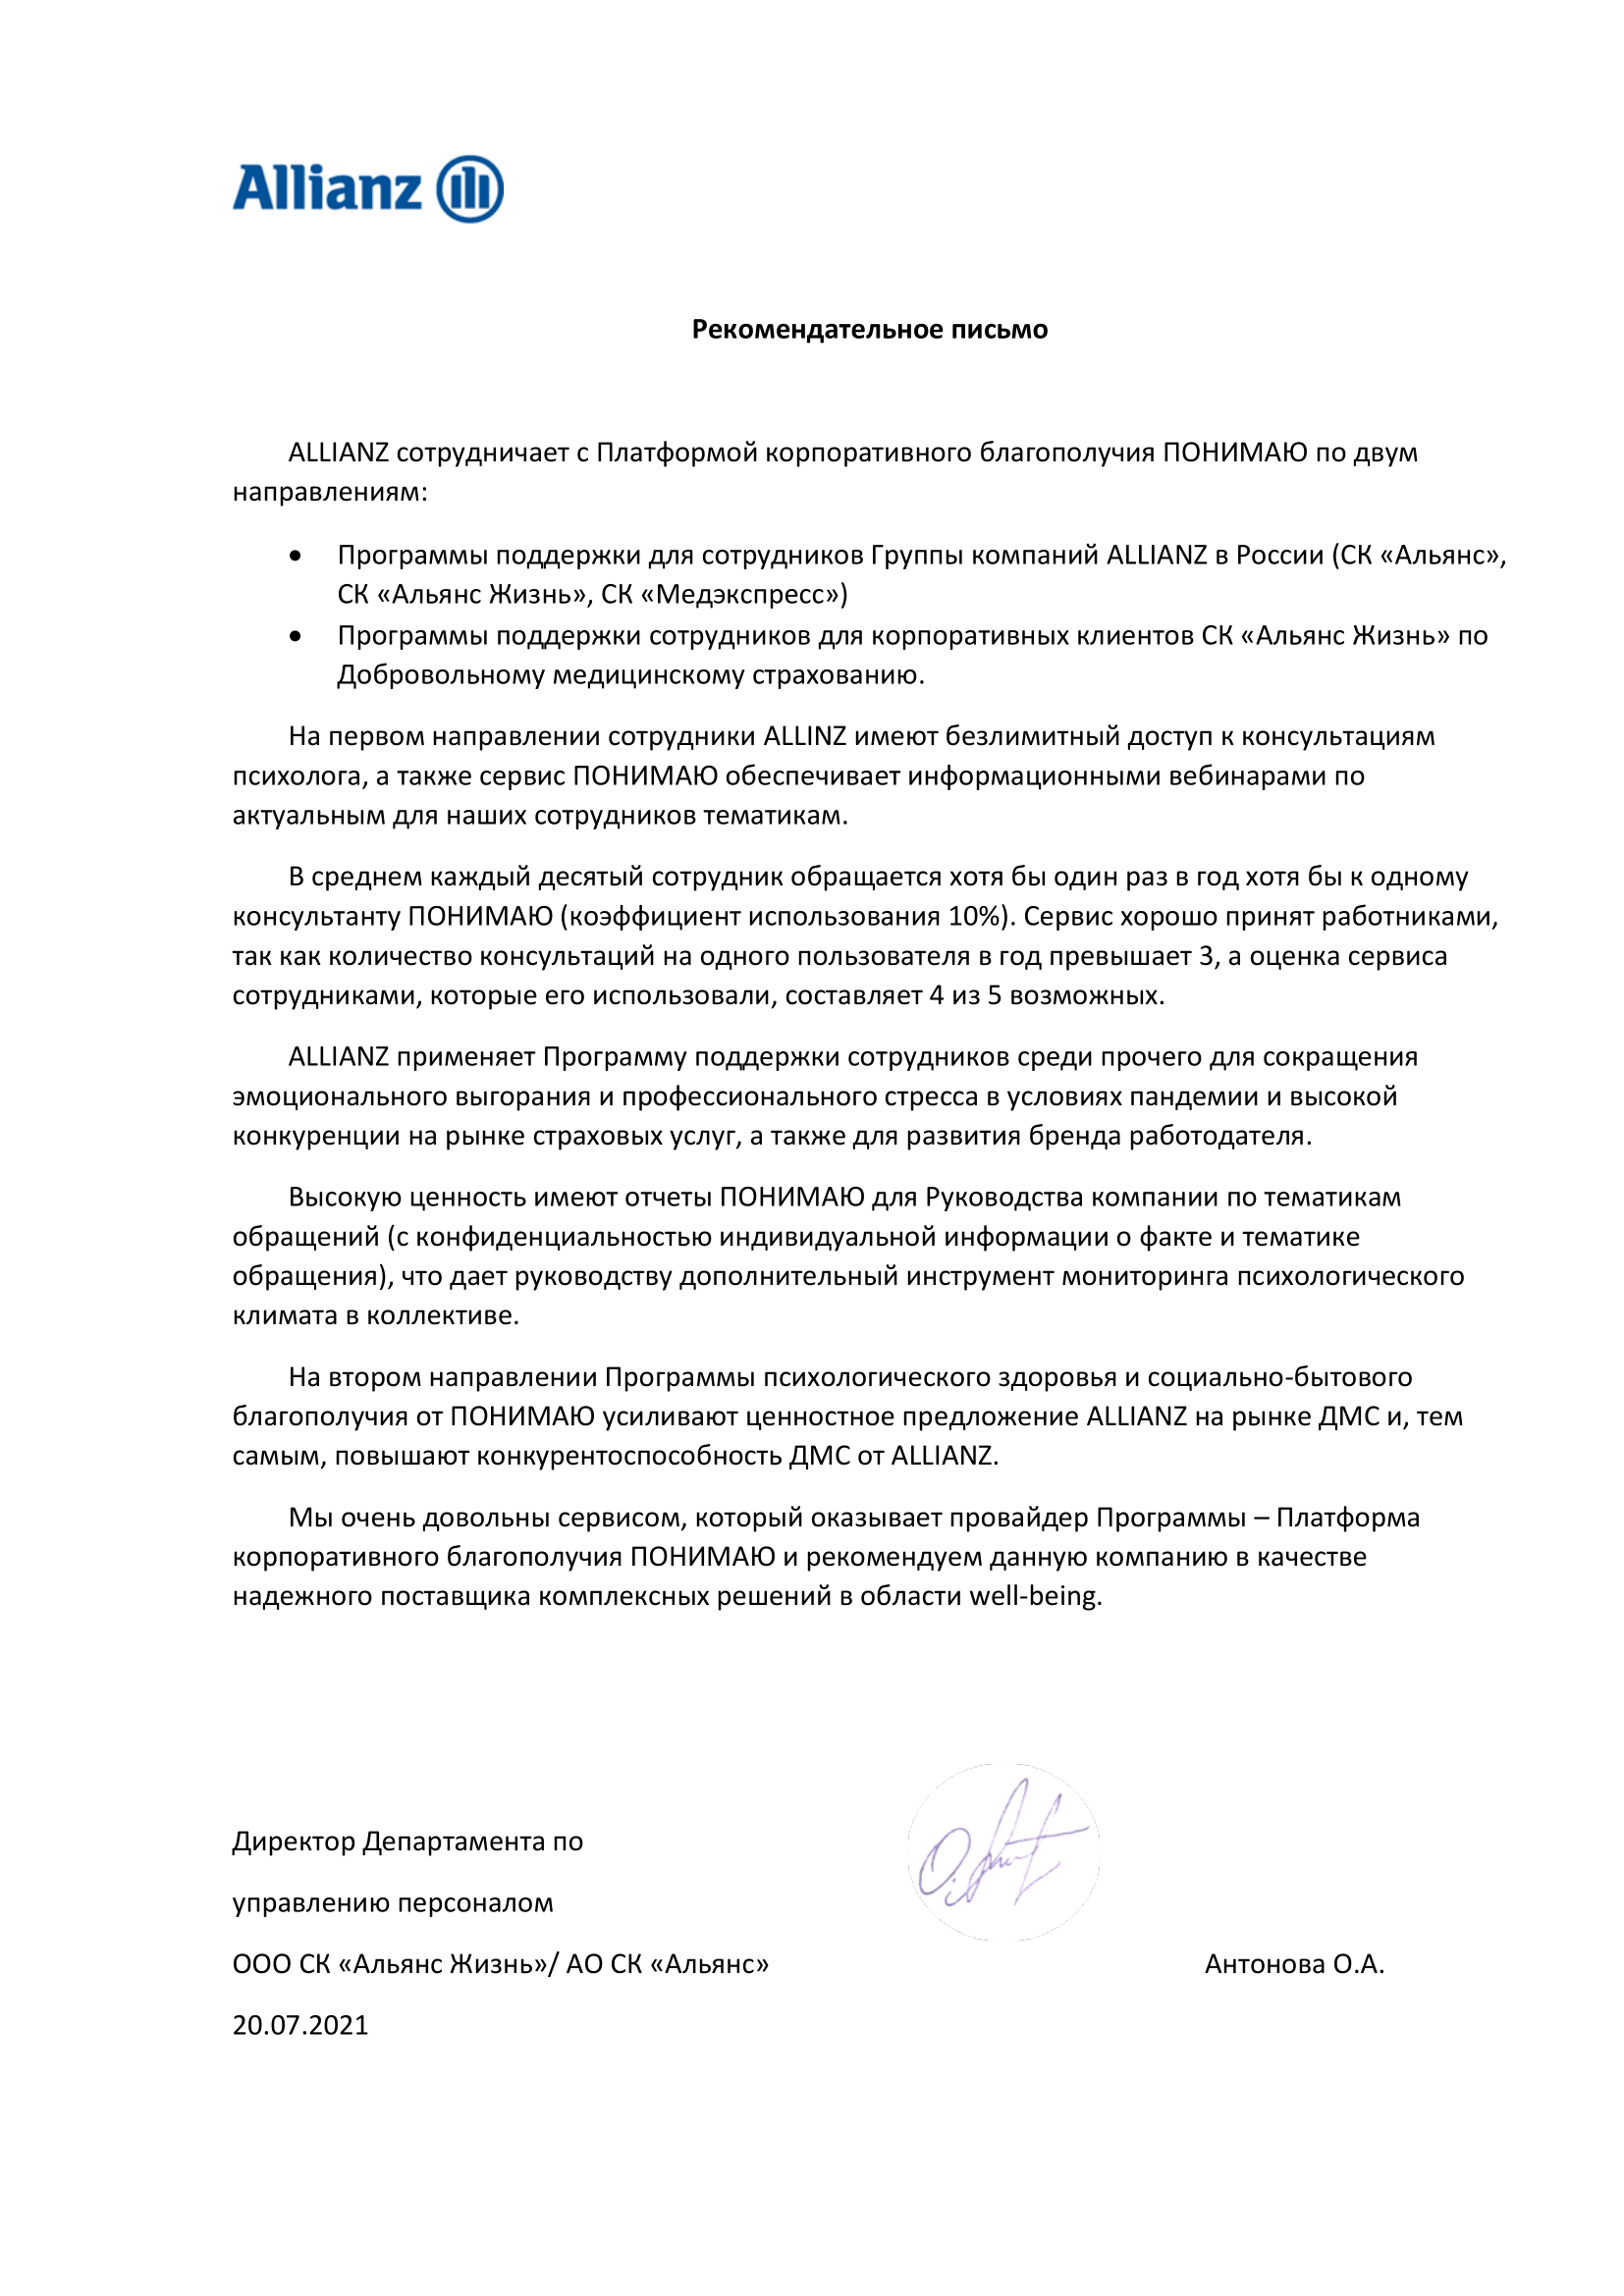 Рекомендательное письмо ALLIANZ _Понимаю-1-min